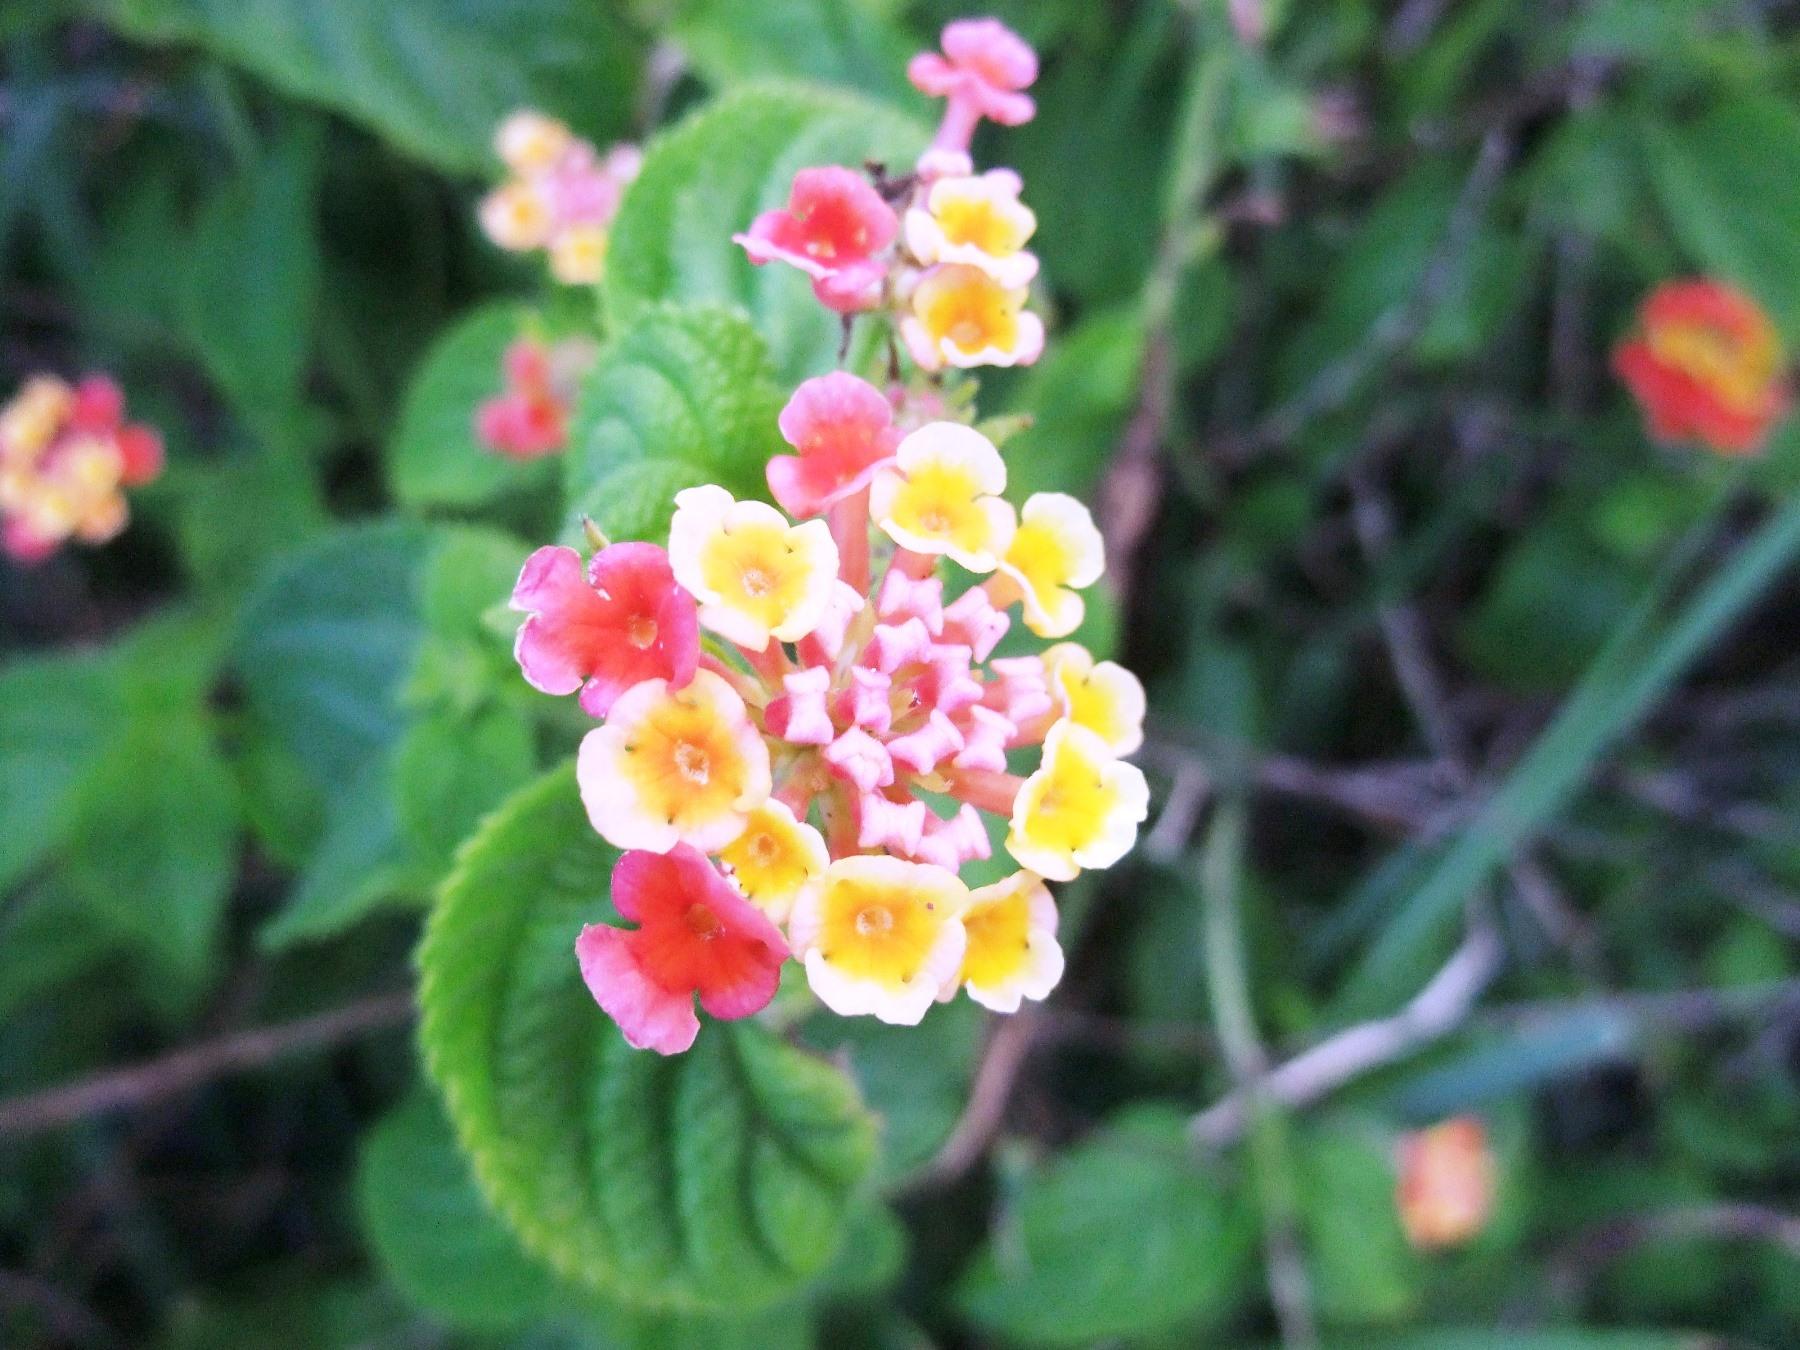 色が七変化するランタナの花(イースター島)